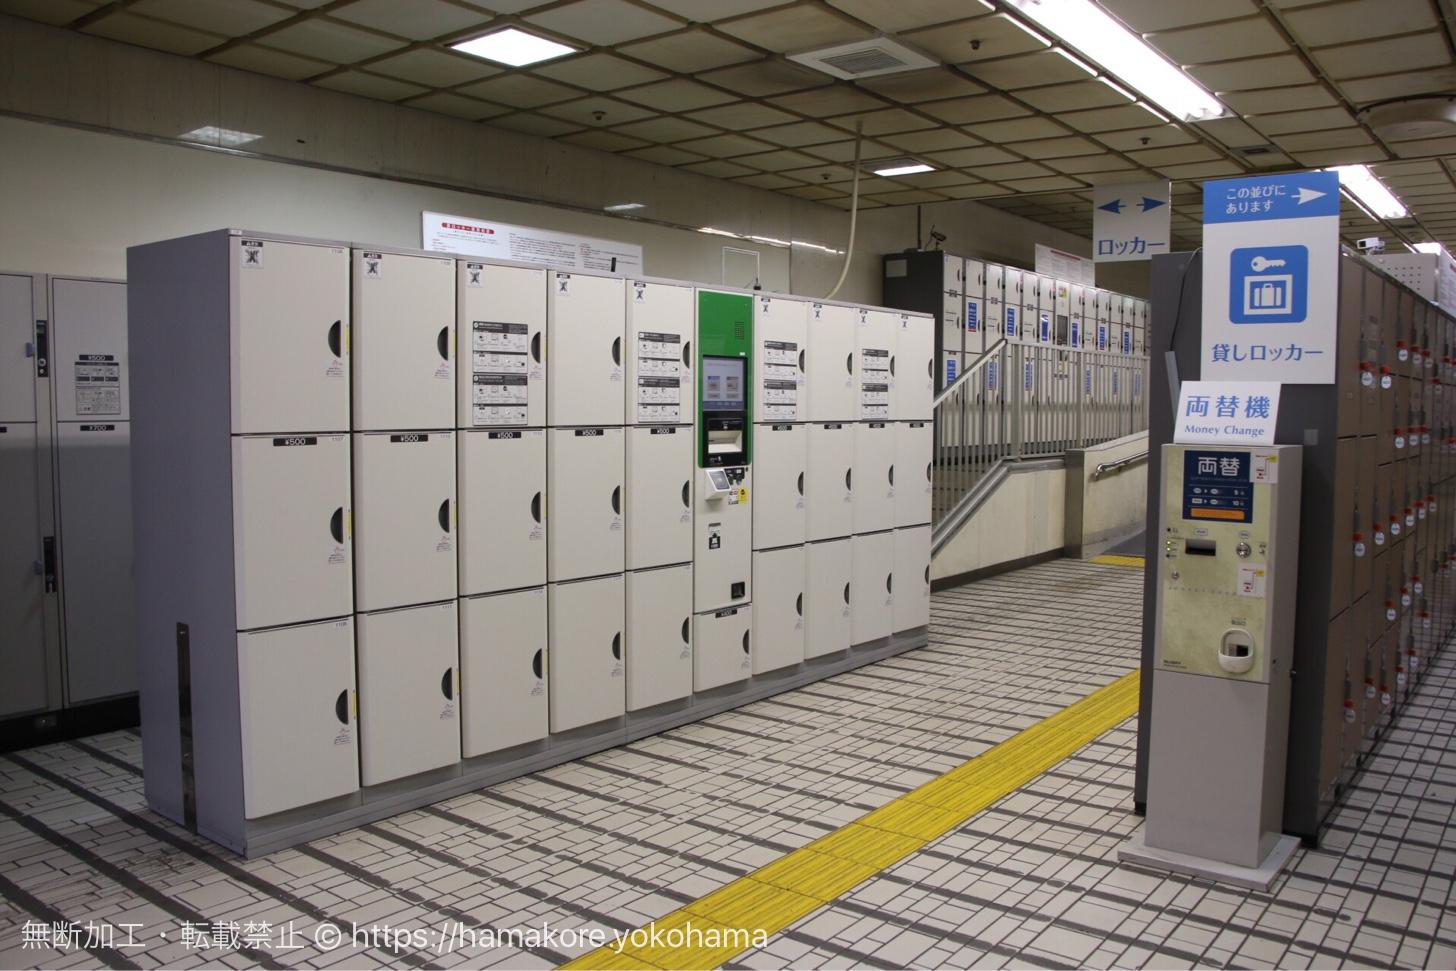 横浜駅最大のコインロッカー設置場所